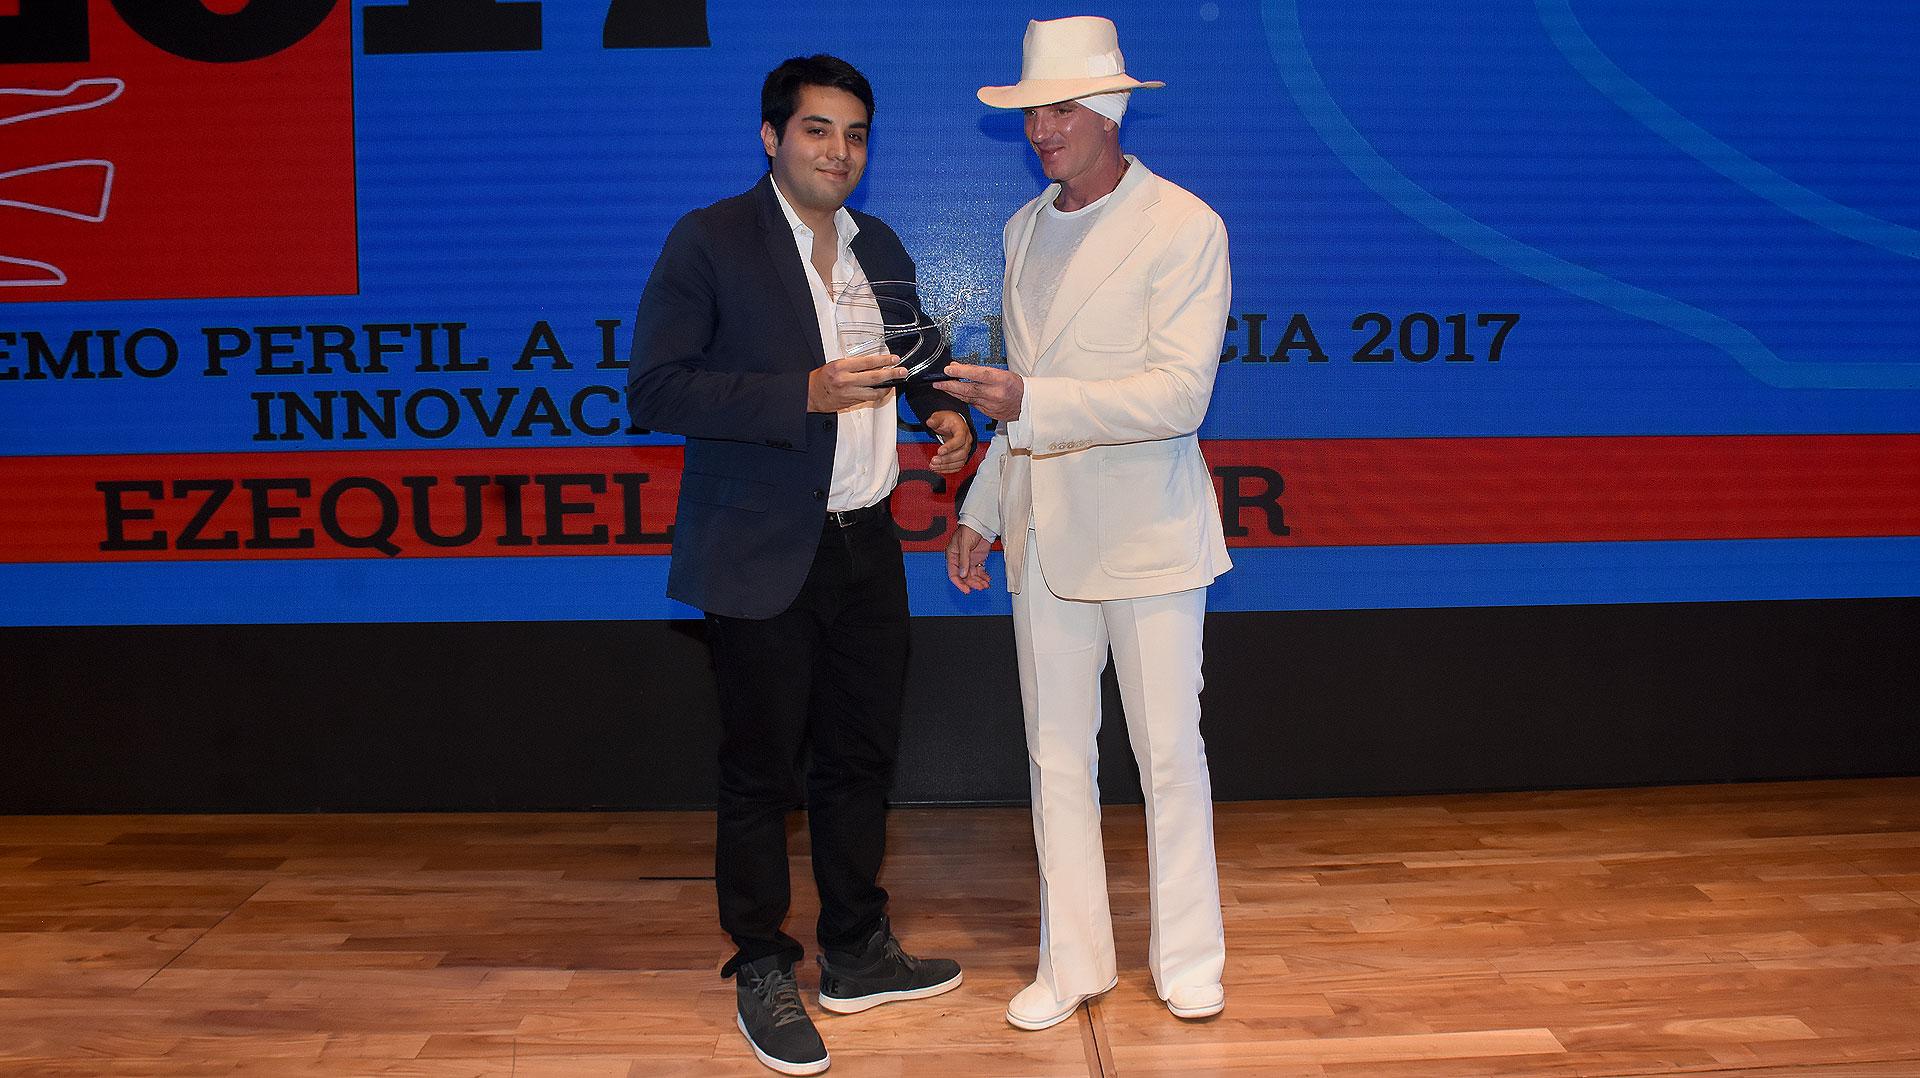 Alan Faena entregó el Premio Perfil 2017 en la categoría Innovación Digital a Matías Araujo de uSound, un desarrollo de cuatro universitarios que ayuda a personas con deficiencias auditivas, a través de smartphones y auriculares inalámbricos comunes